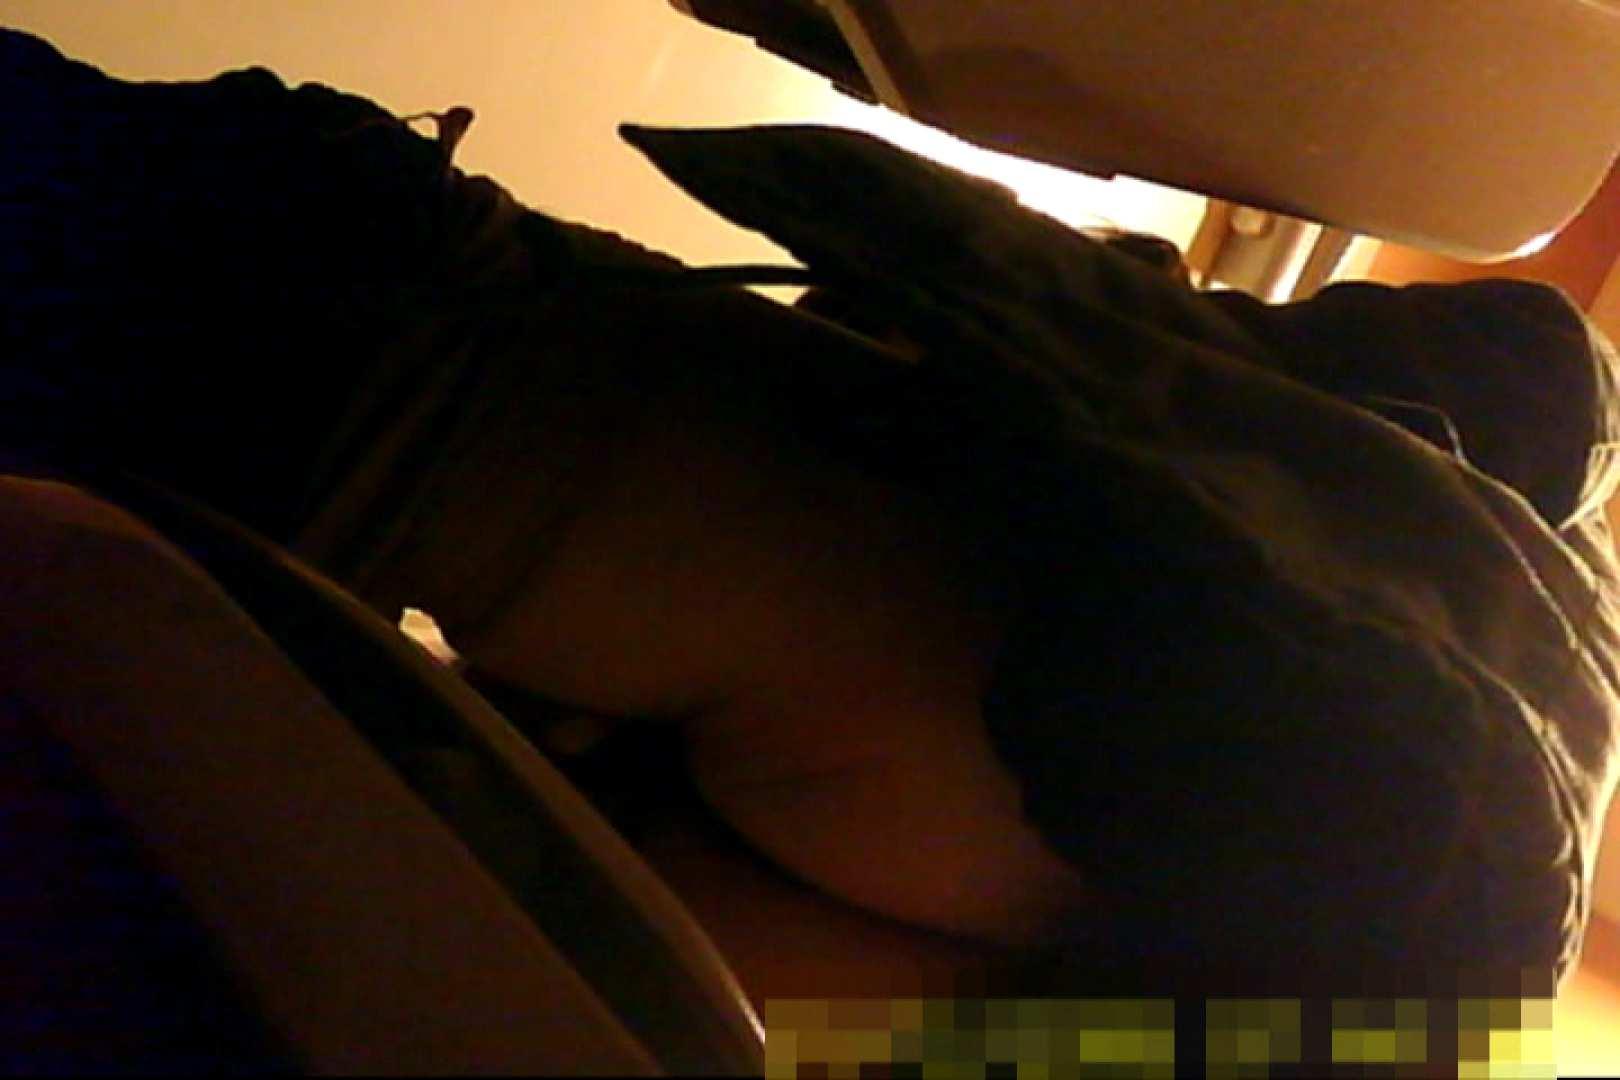 魅惑の化粧室~禁断のプライベート空間~vol.8 熟女   HなOL  68pic 5